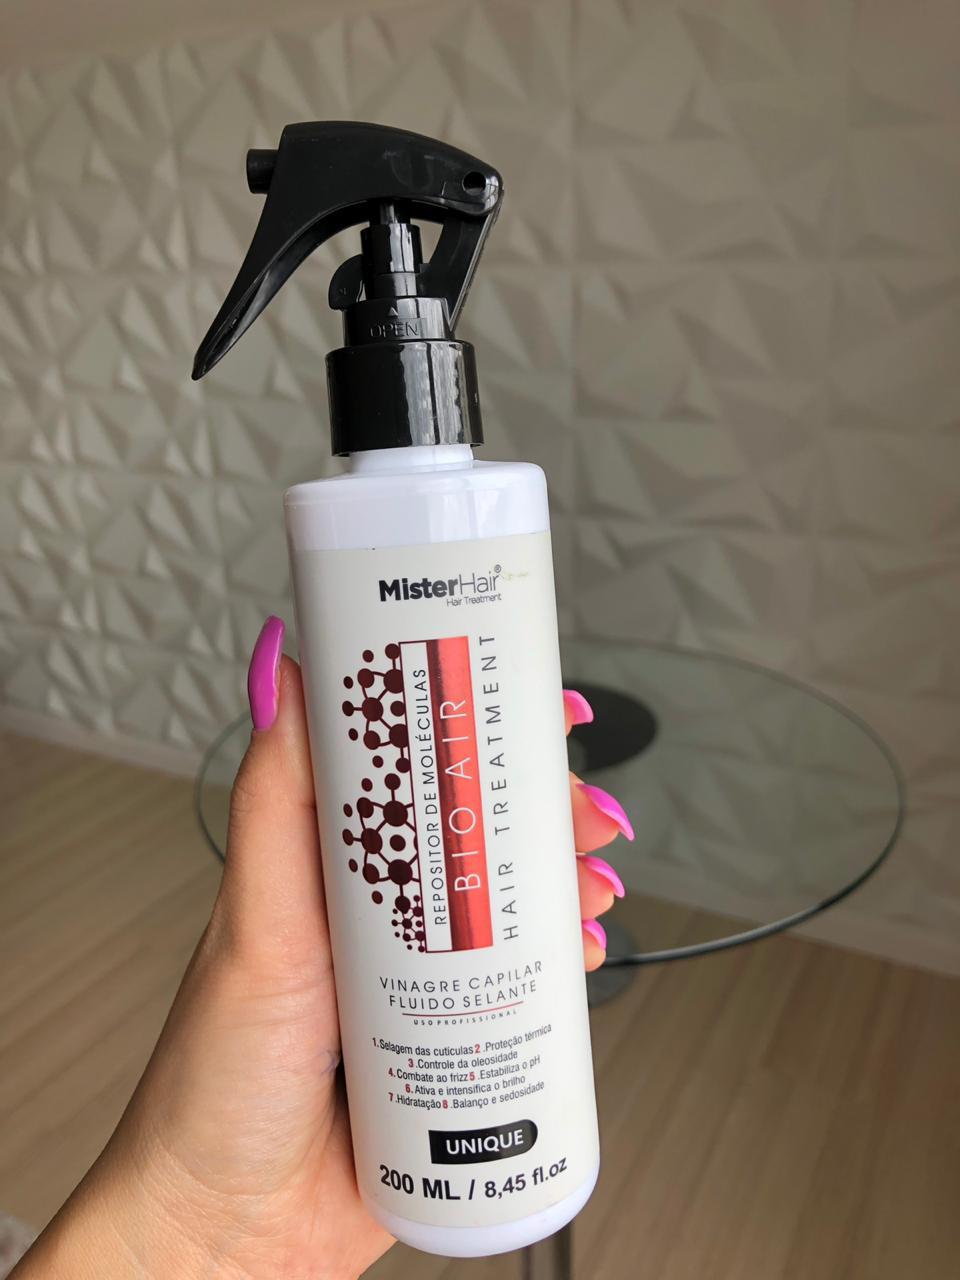 bio-air-vinagre-capilar-fluido-selante-da-mister-hair-e-bom-resenha-embalagem